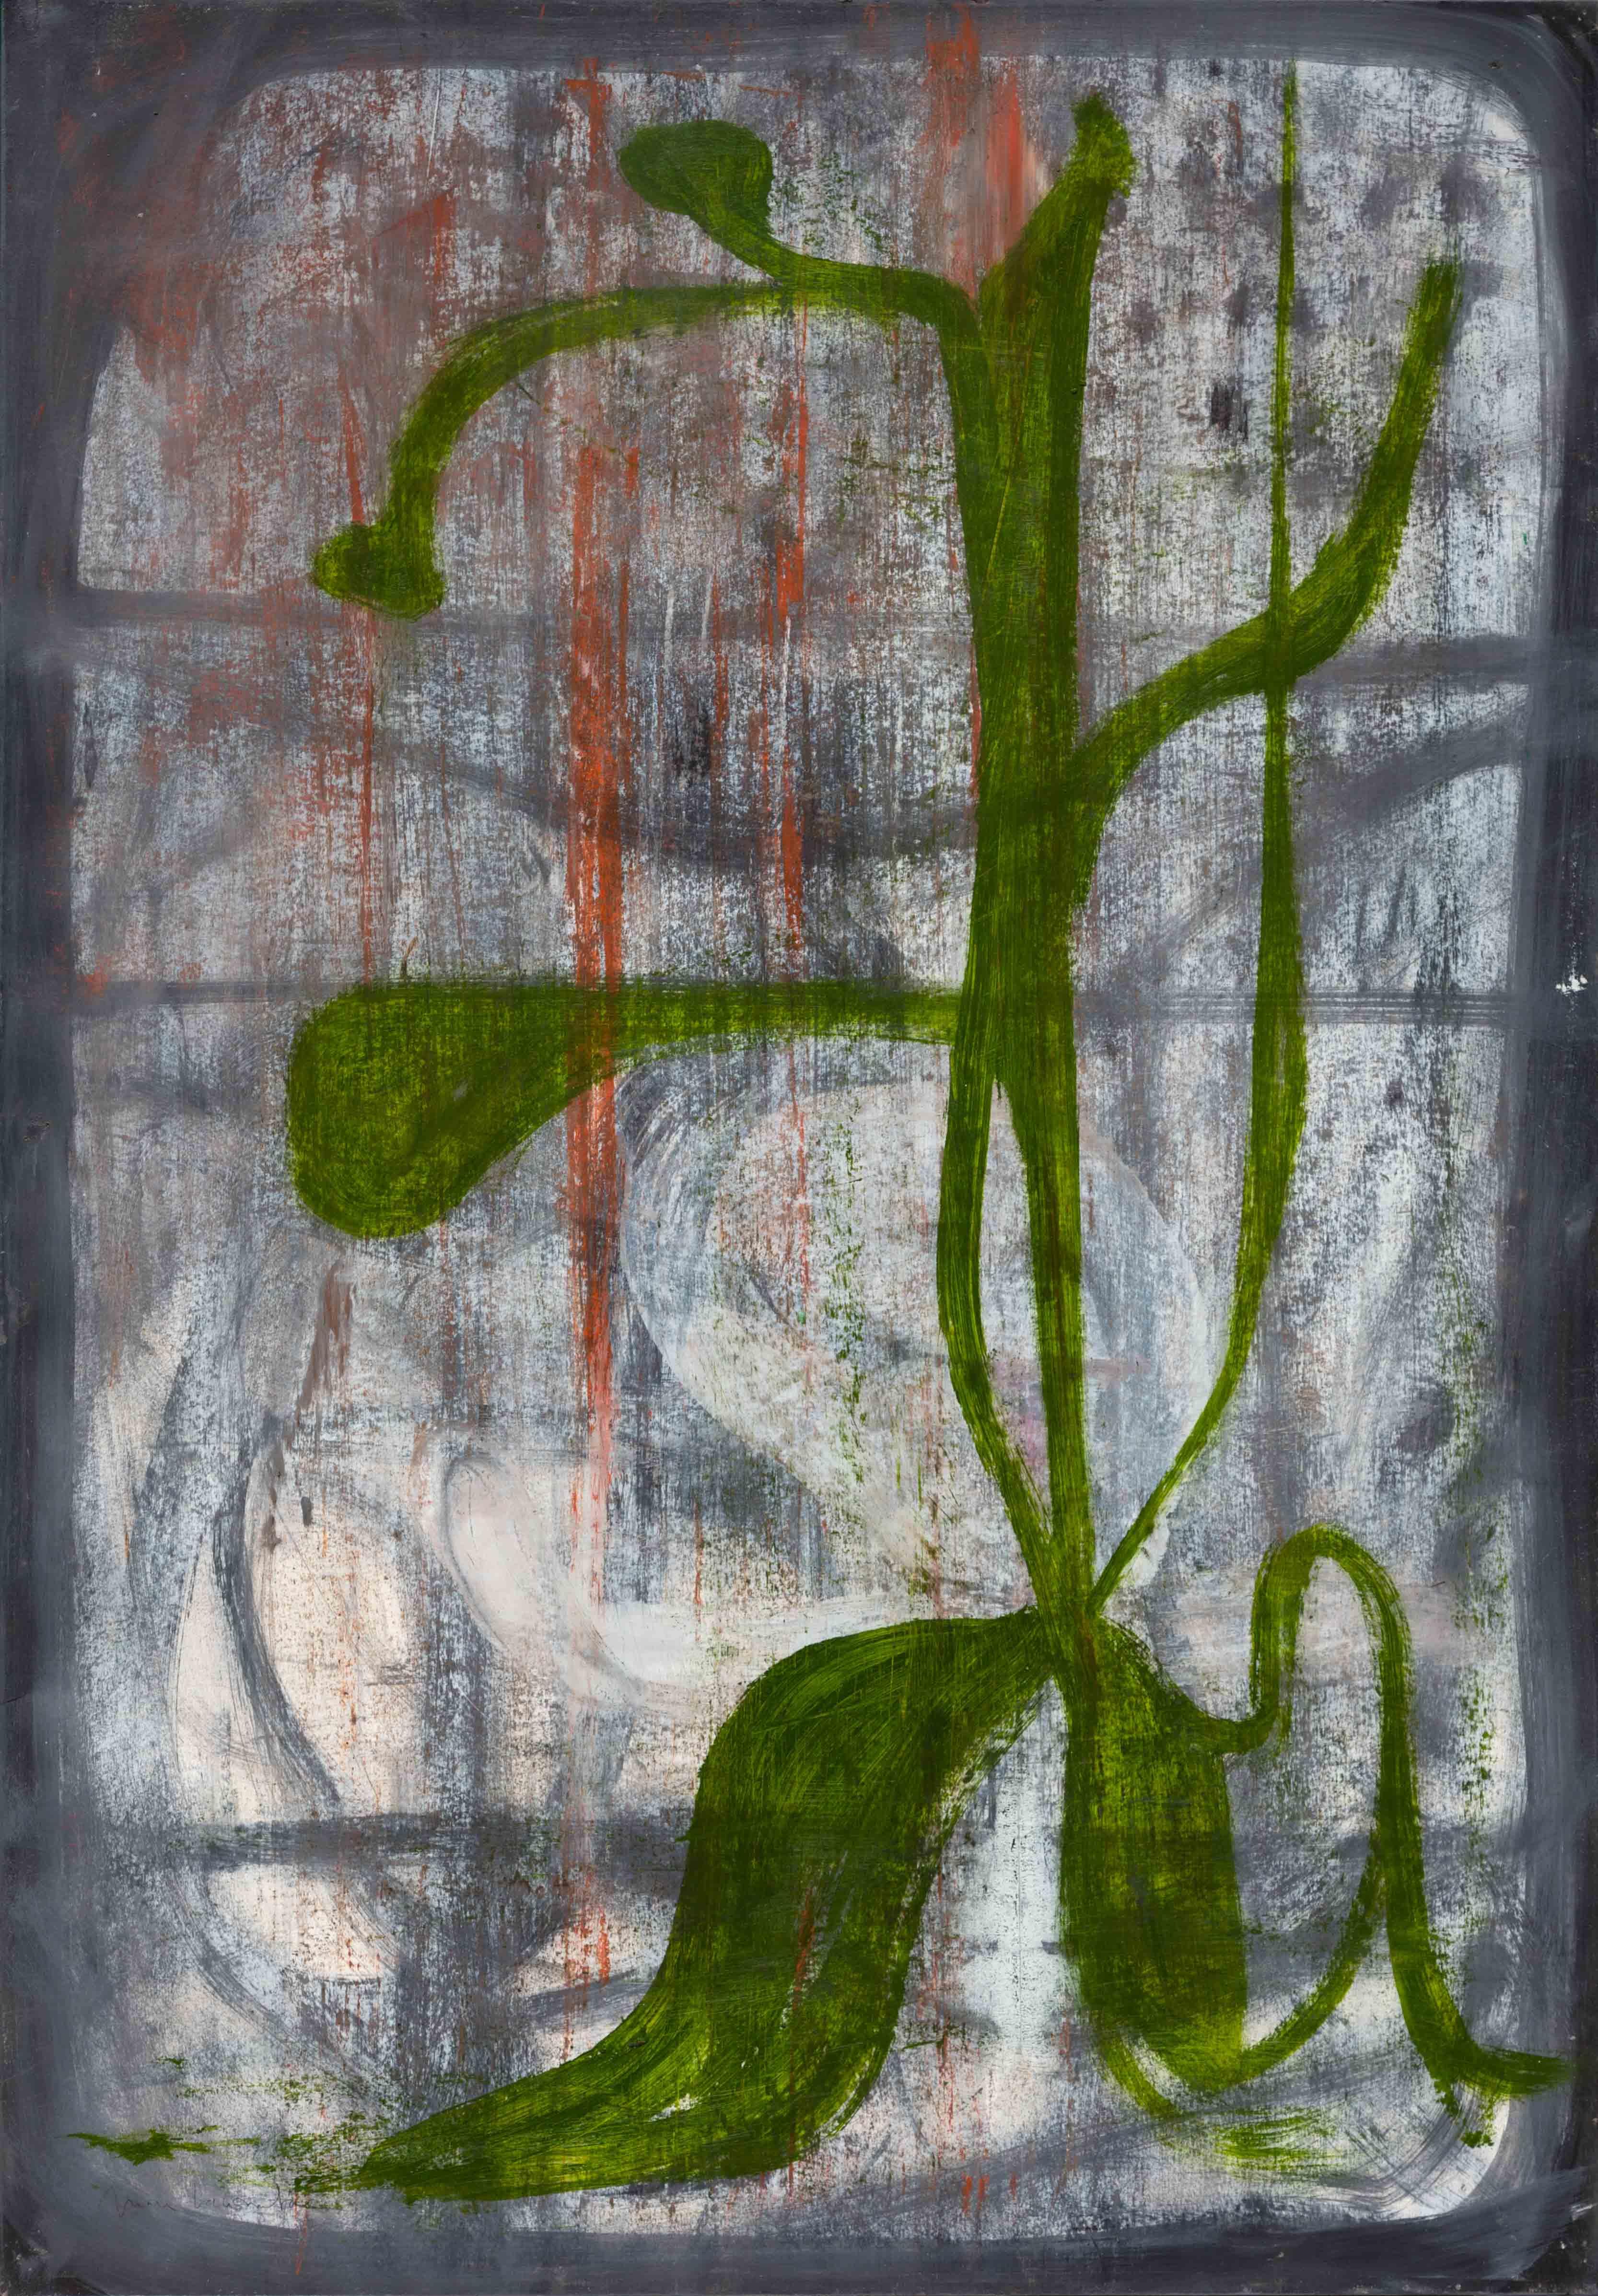 2009 Germinal gris y verde, 2